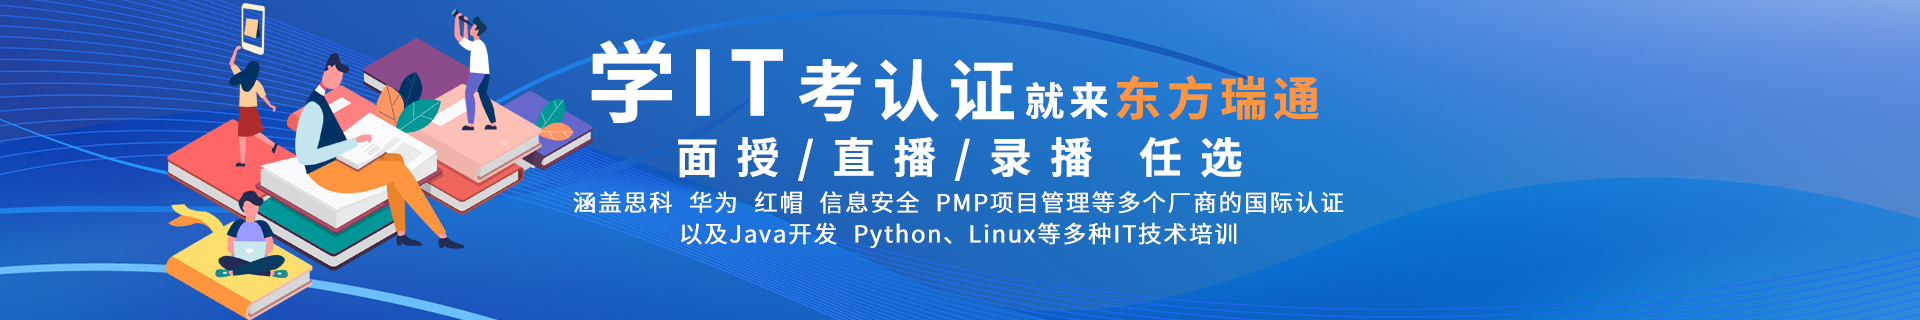 深圳东方瑞通IT培训